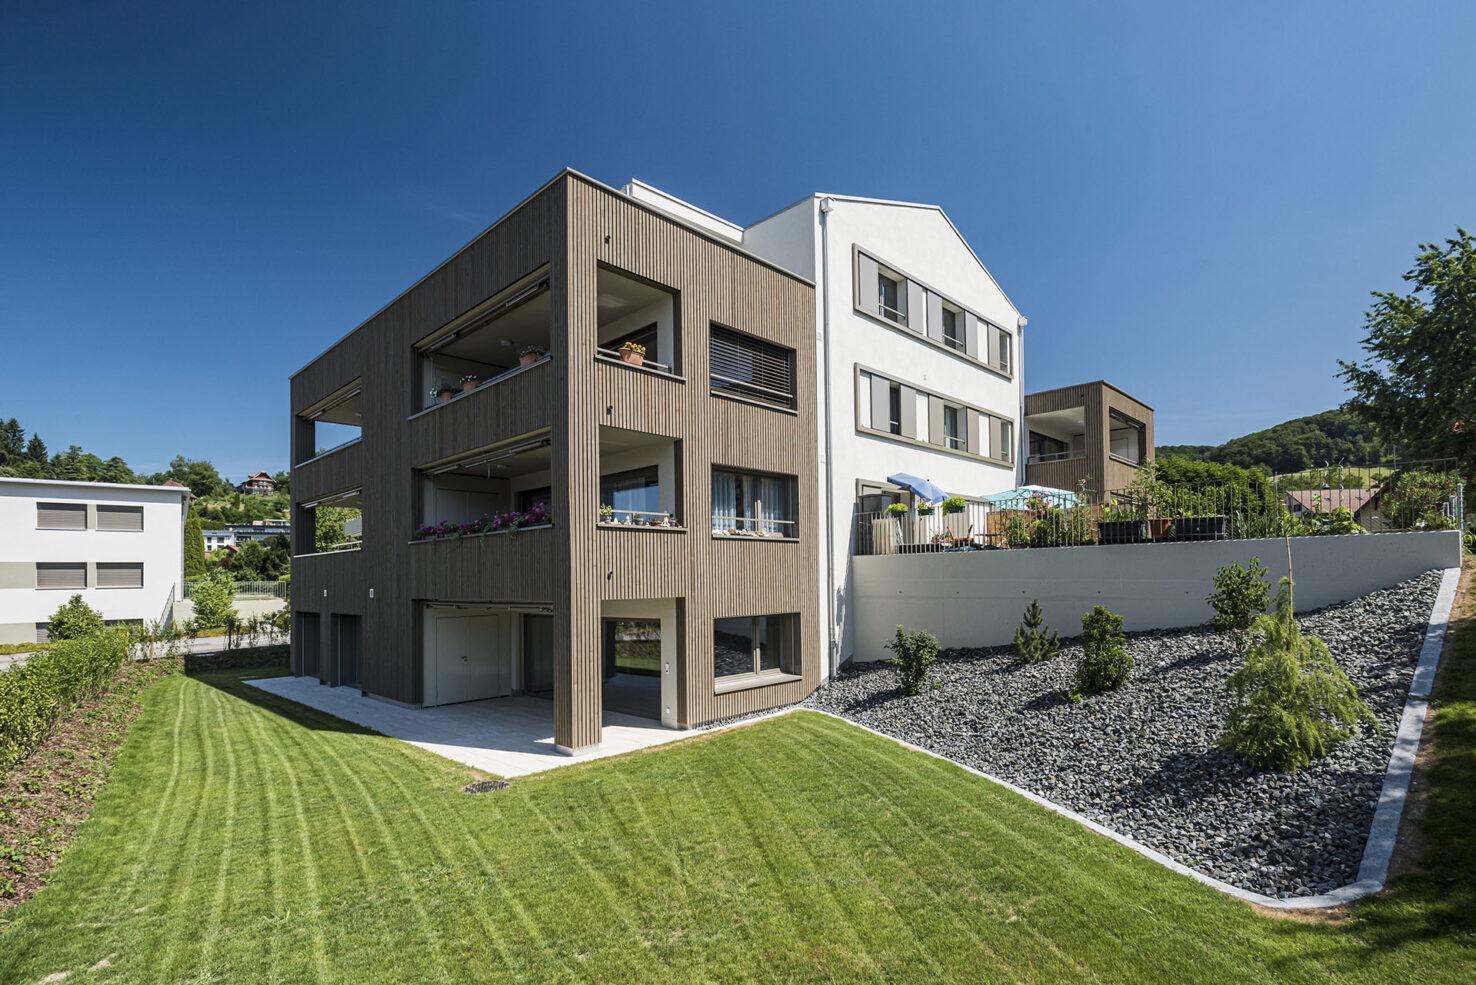 berger_architekten_mfh_altbüron